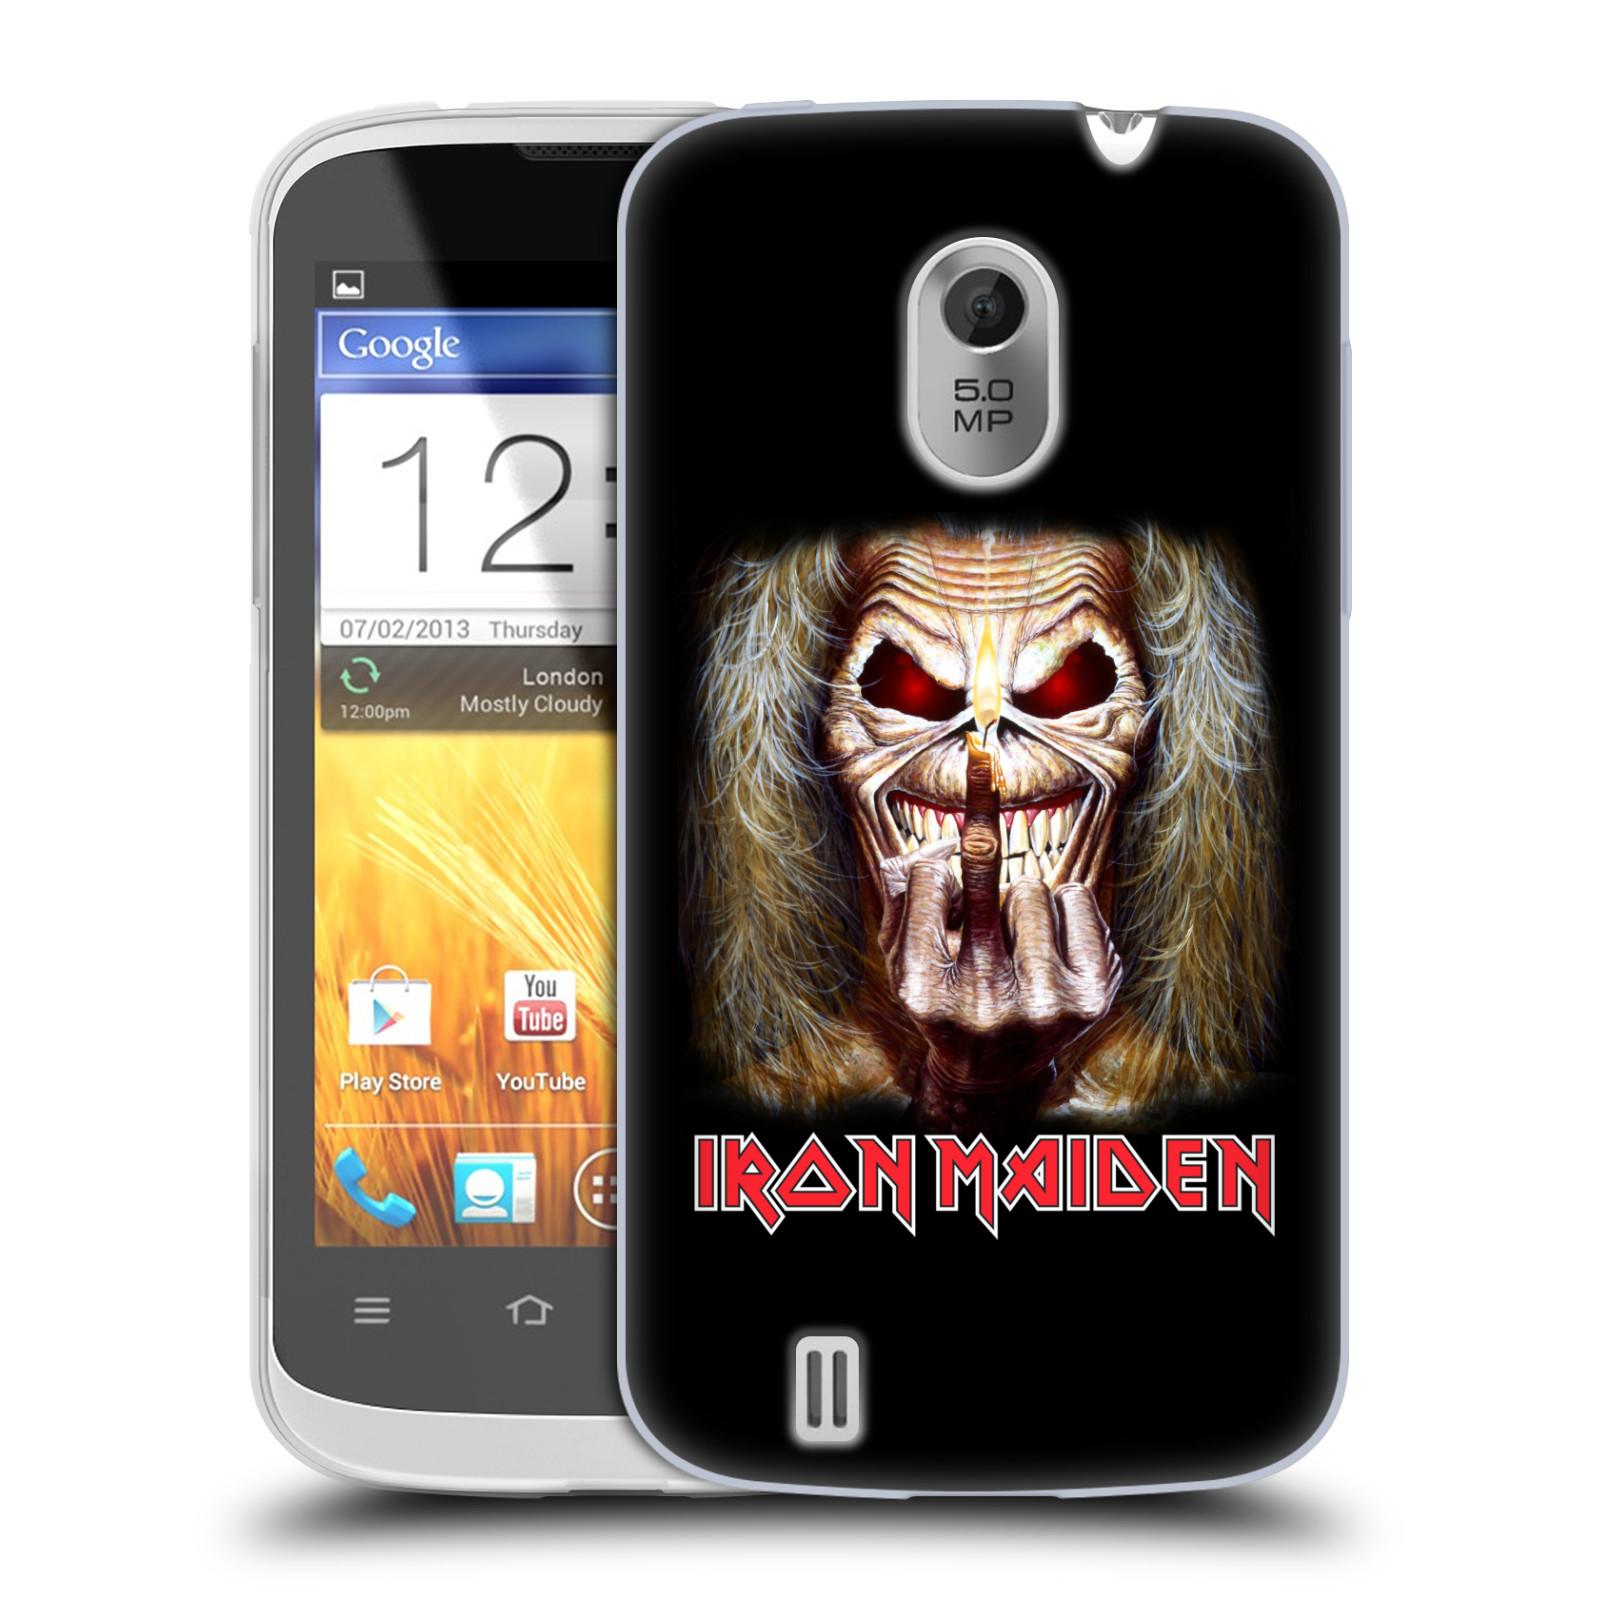 Silikonové pouzdro na mobil ZTE Blade III HEAD CASE - Iron Maiden - Candle Finger (Silikonový kryt či obal na mobilní telefon s licencovaným motivem Iron Maiden ZTE Blade 3)